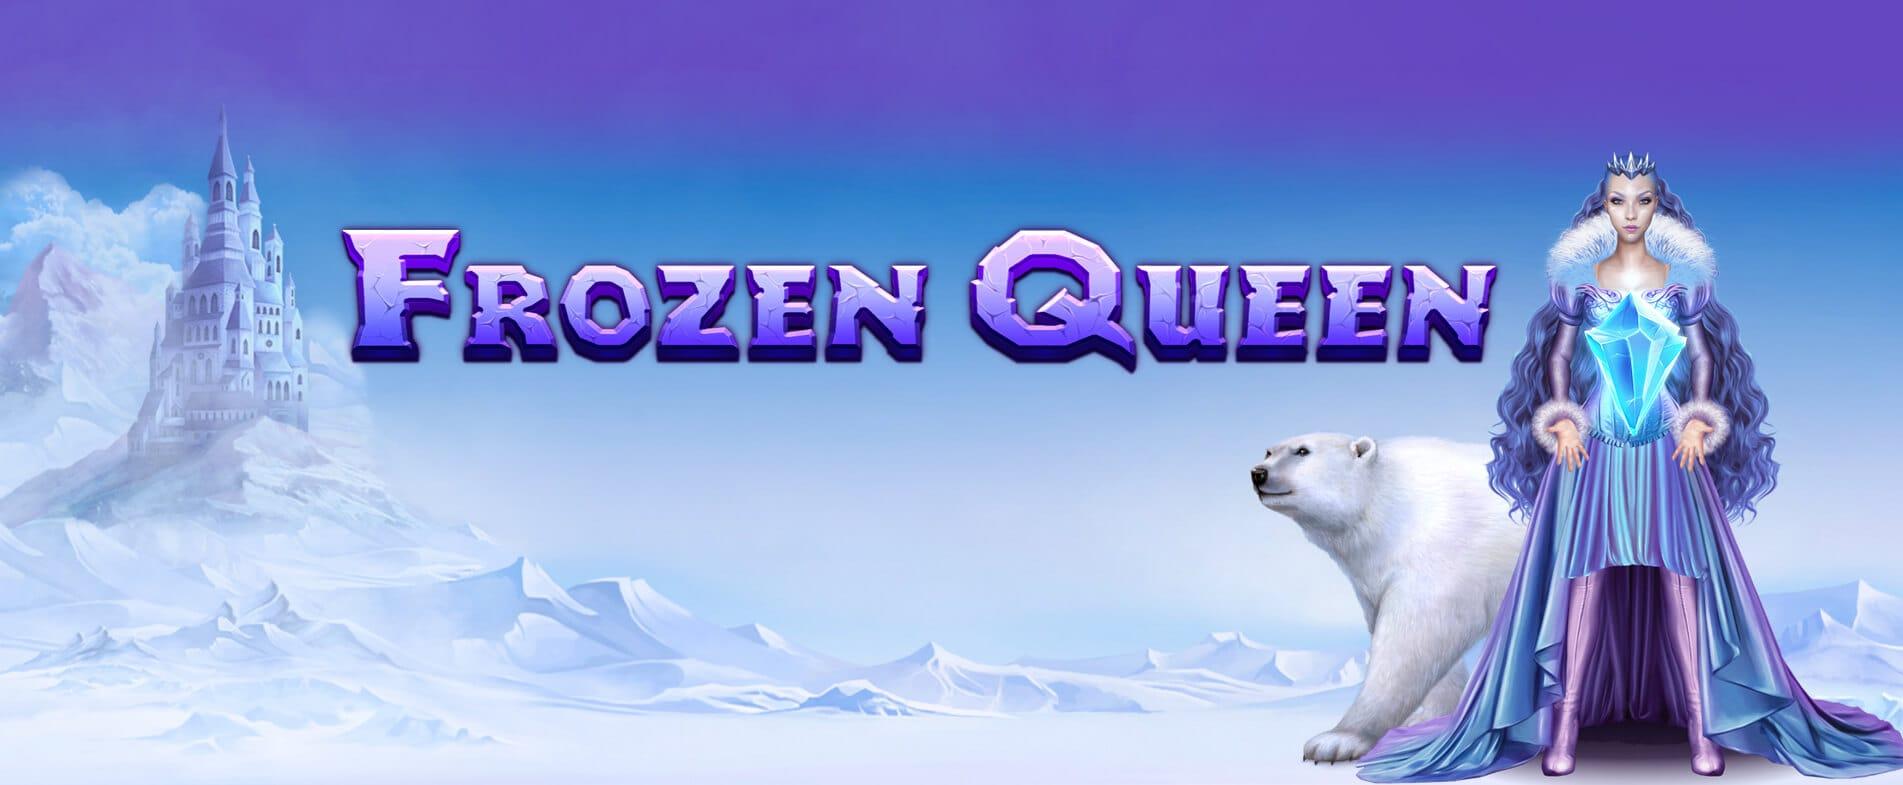 Frozen Queen Review